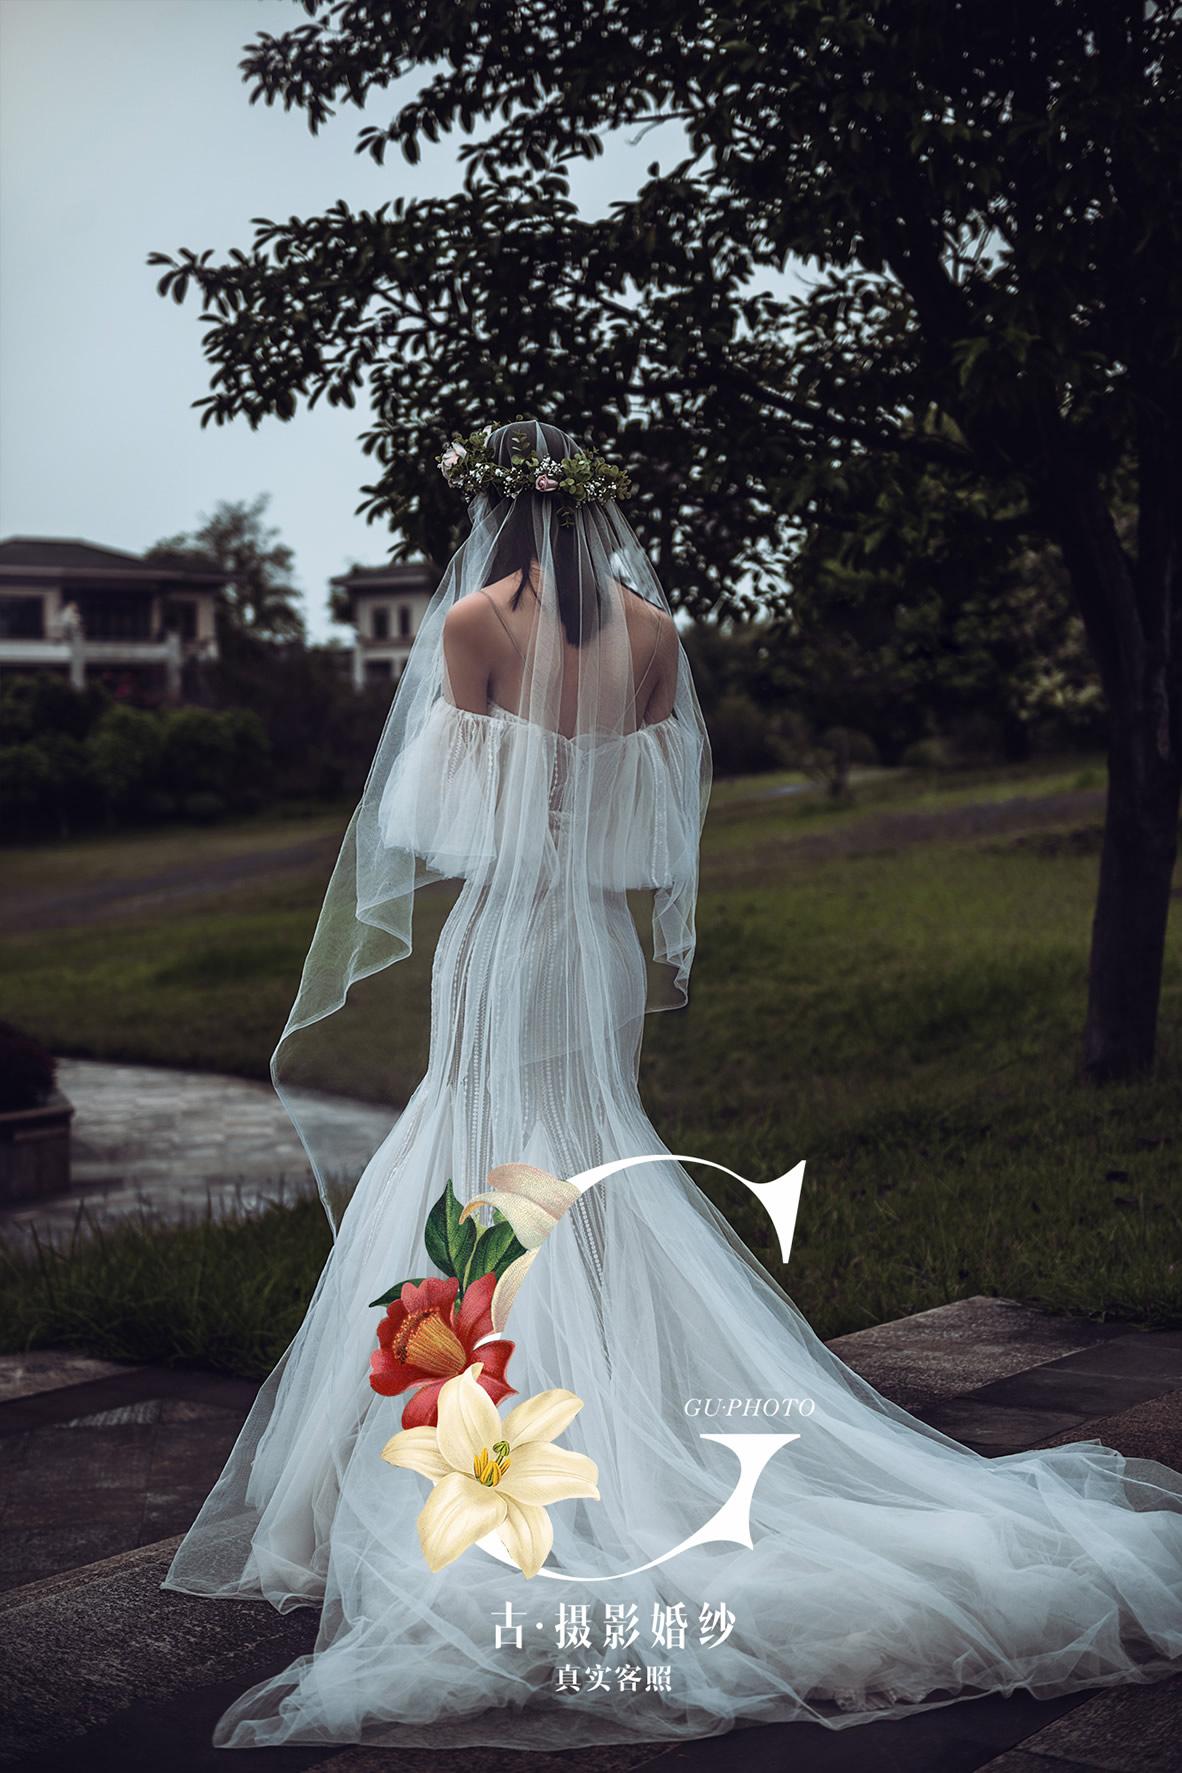 唐顿庄园 - 婚纱景点客照 - 古摄影婚纱艺术-古摄影成都婚纱摄影艺术摄影网